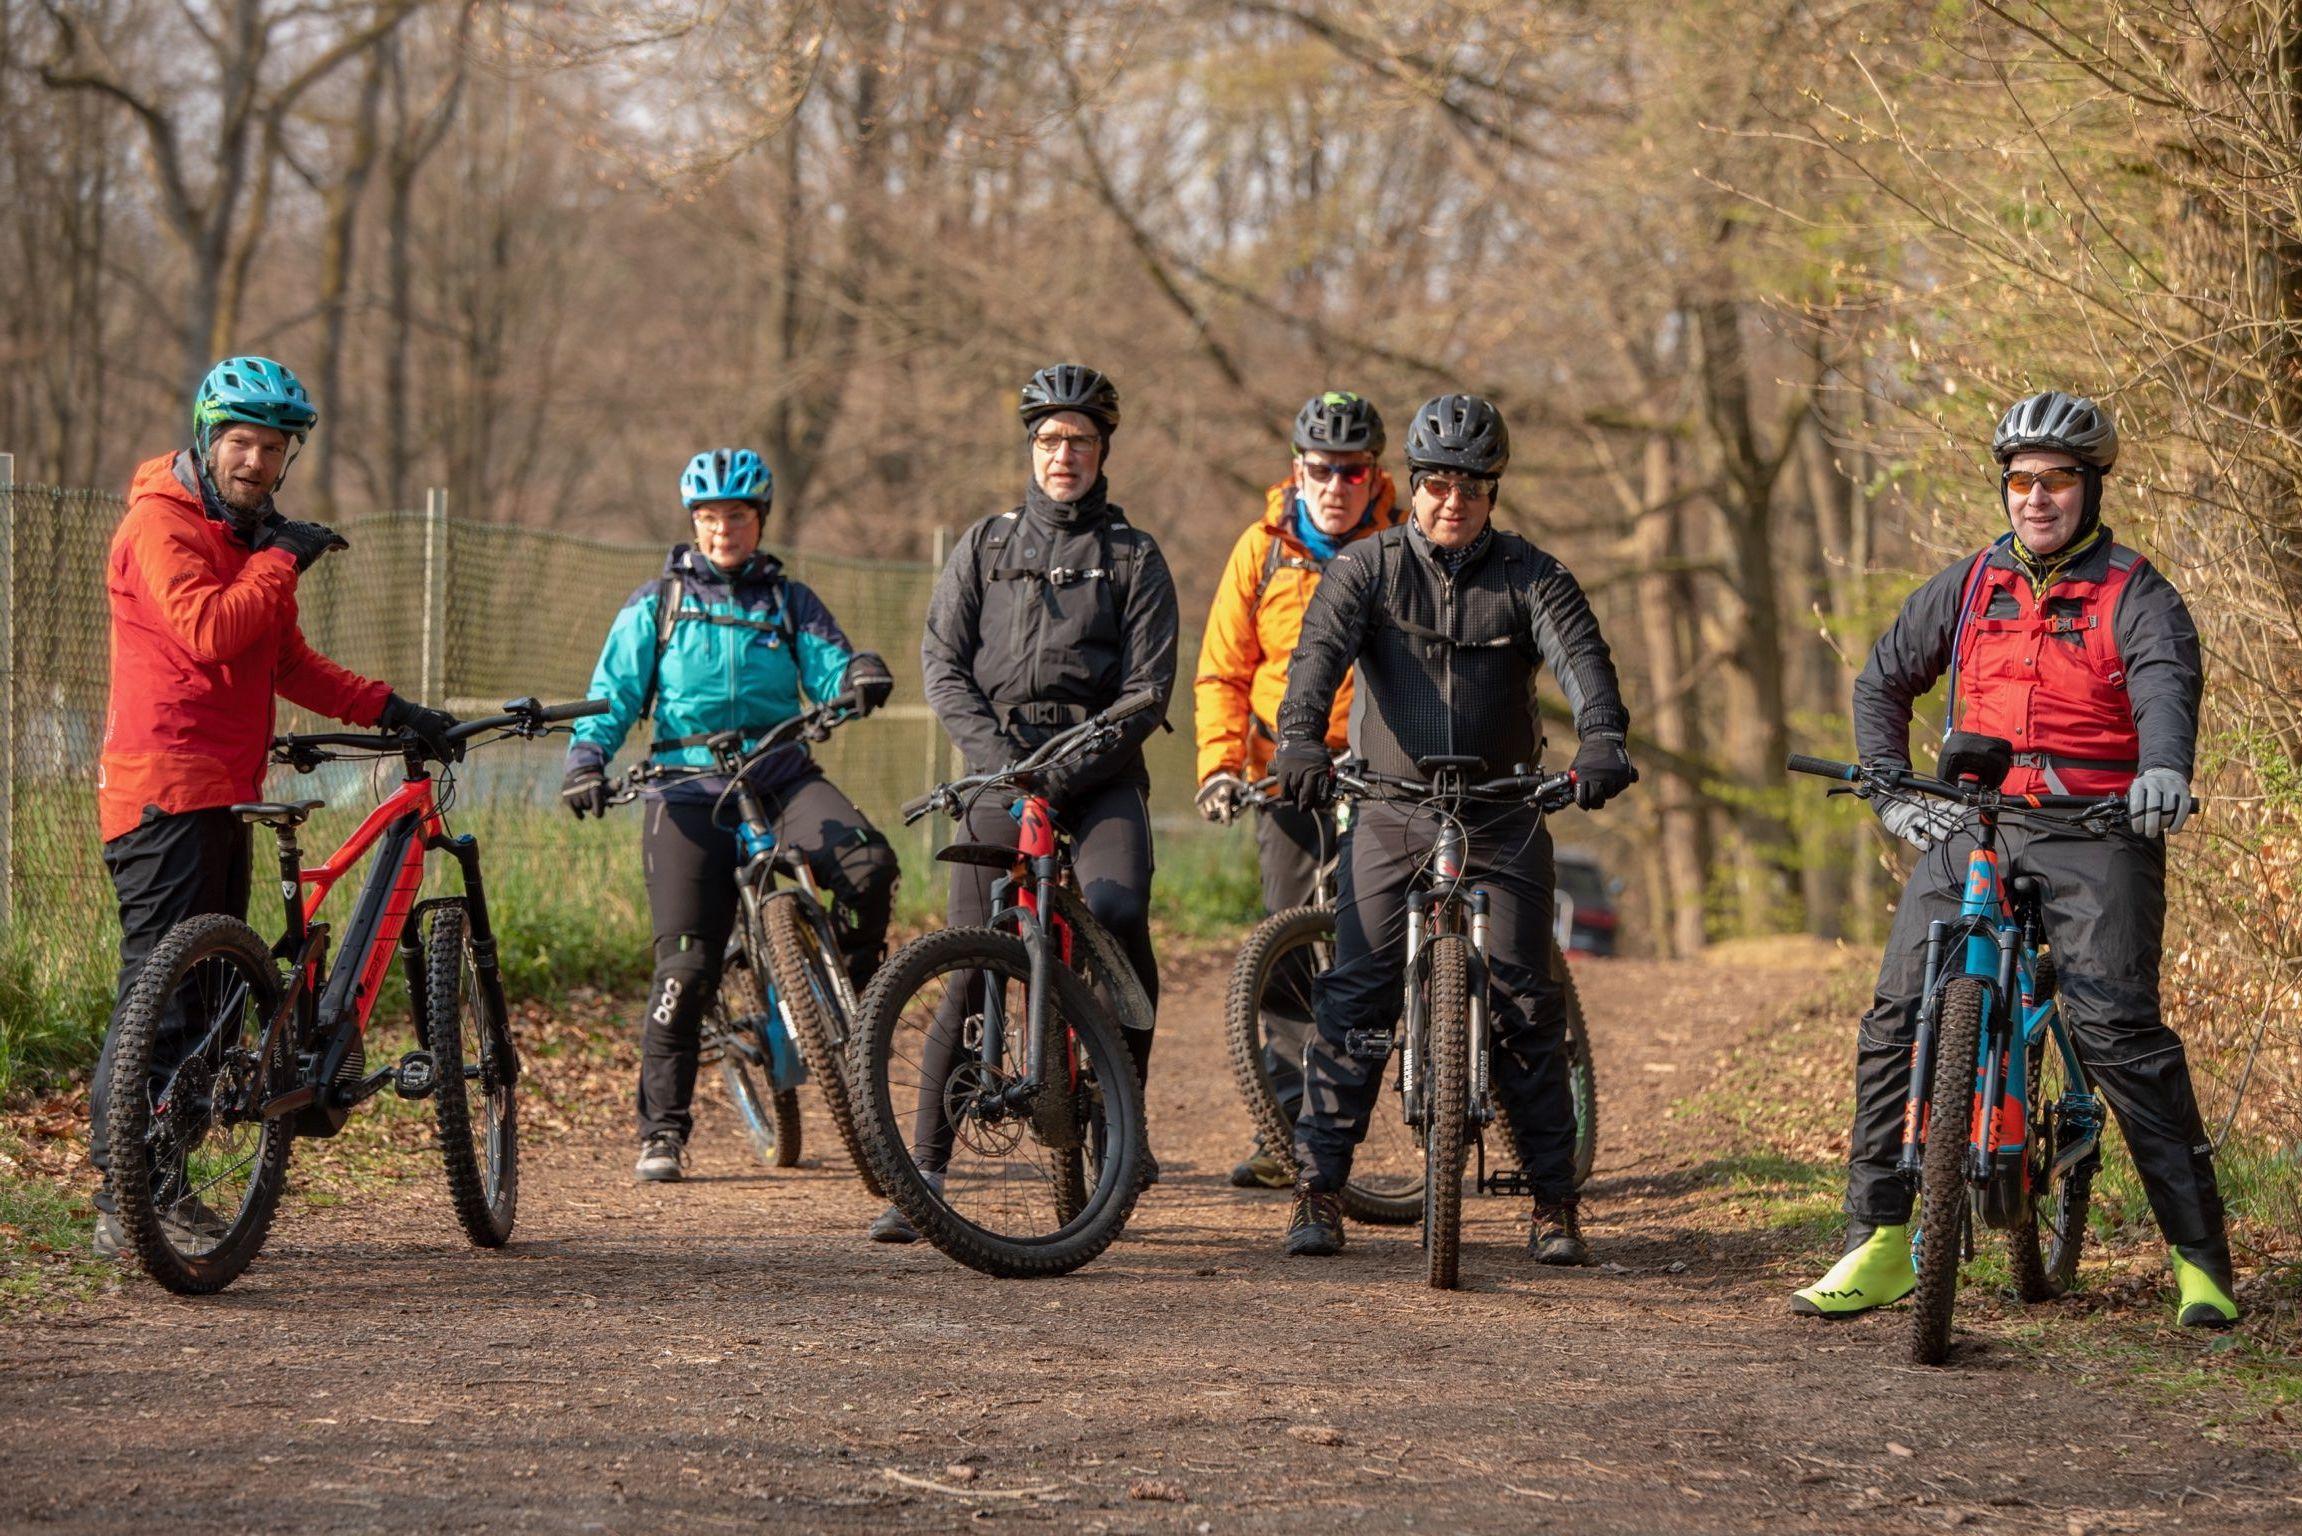 eMTB Fahrtechnik Kurs für Einsteiger in Winterberg - Trailpark Sauerland - Rock my Trail Bikeschule